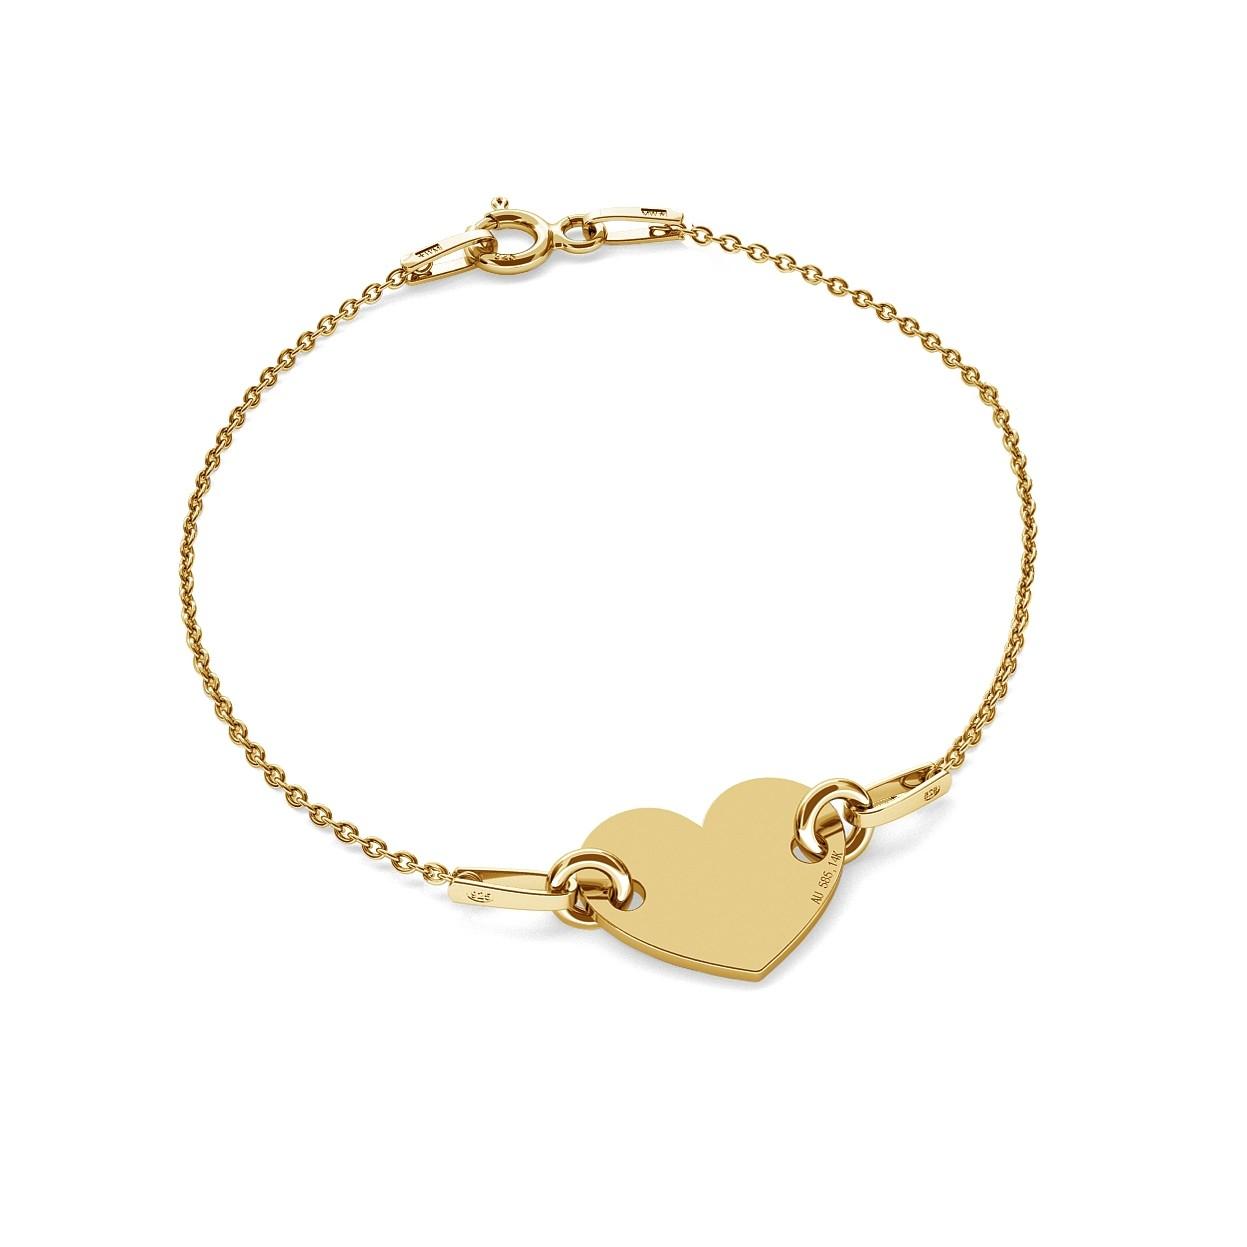 Gold heart bracelet 14k, model 462